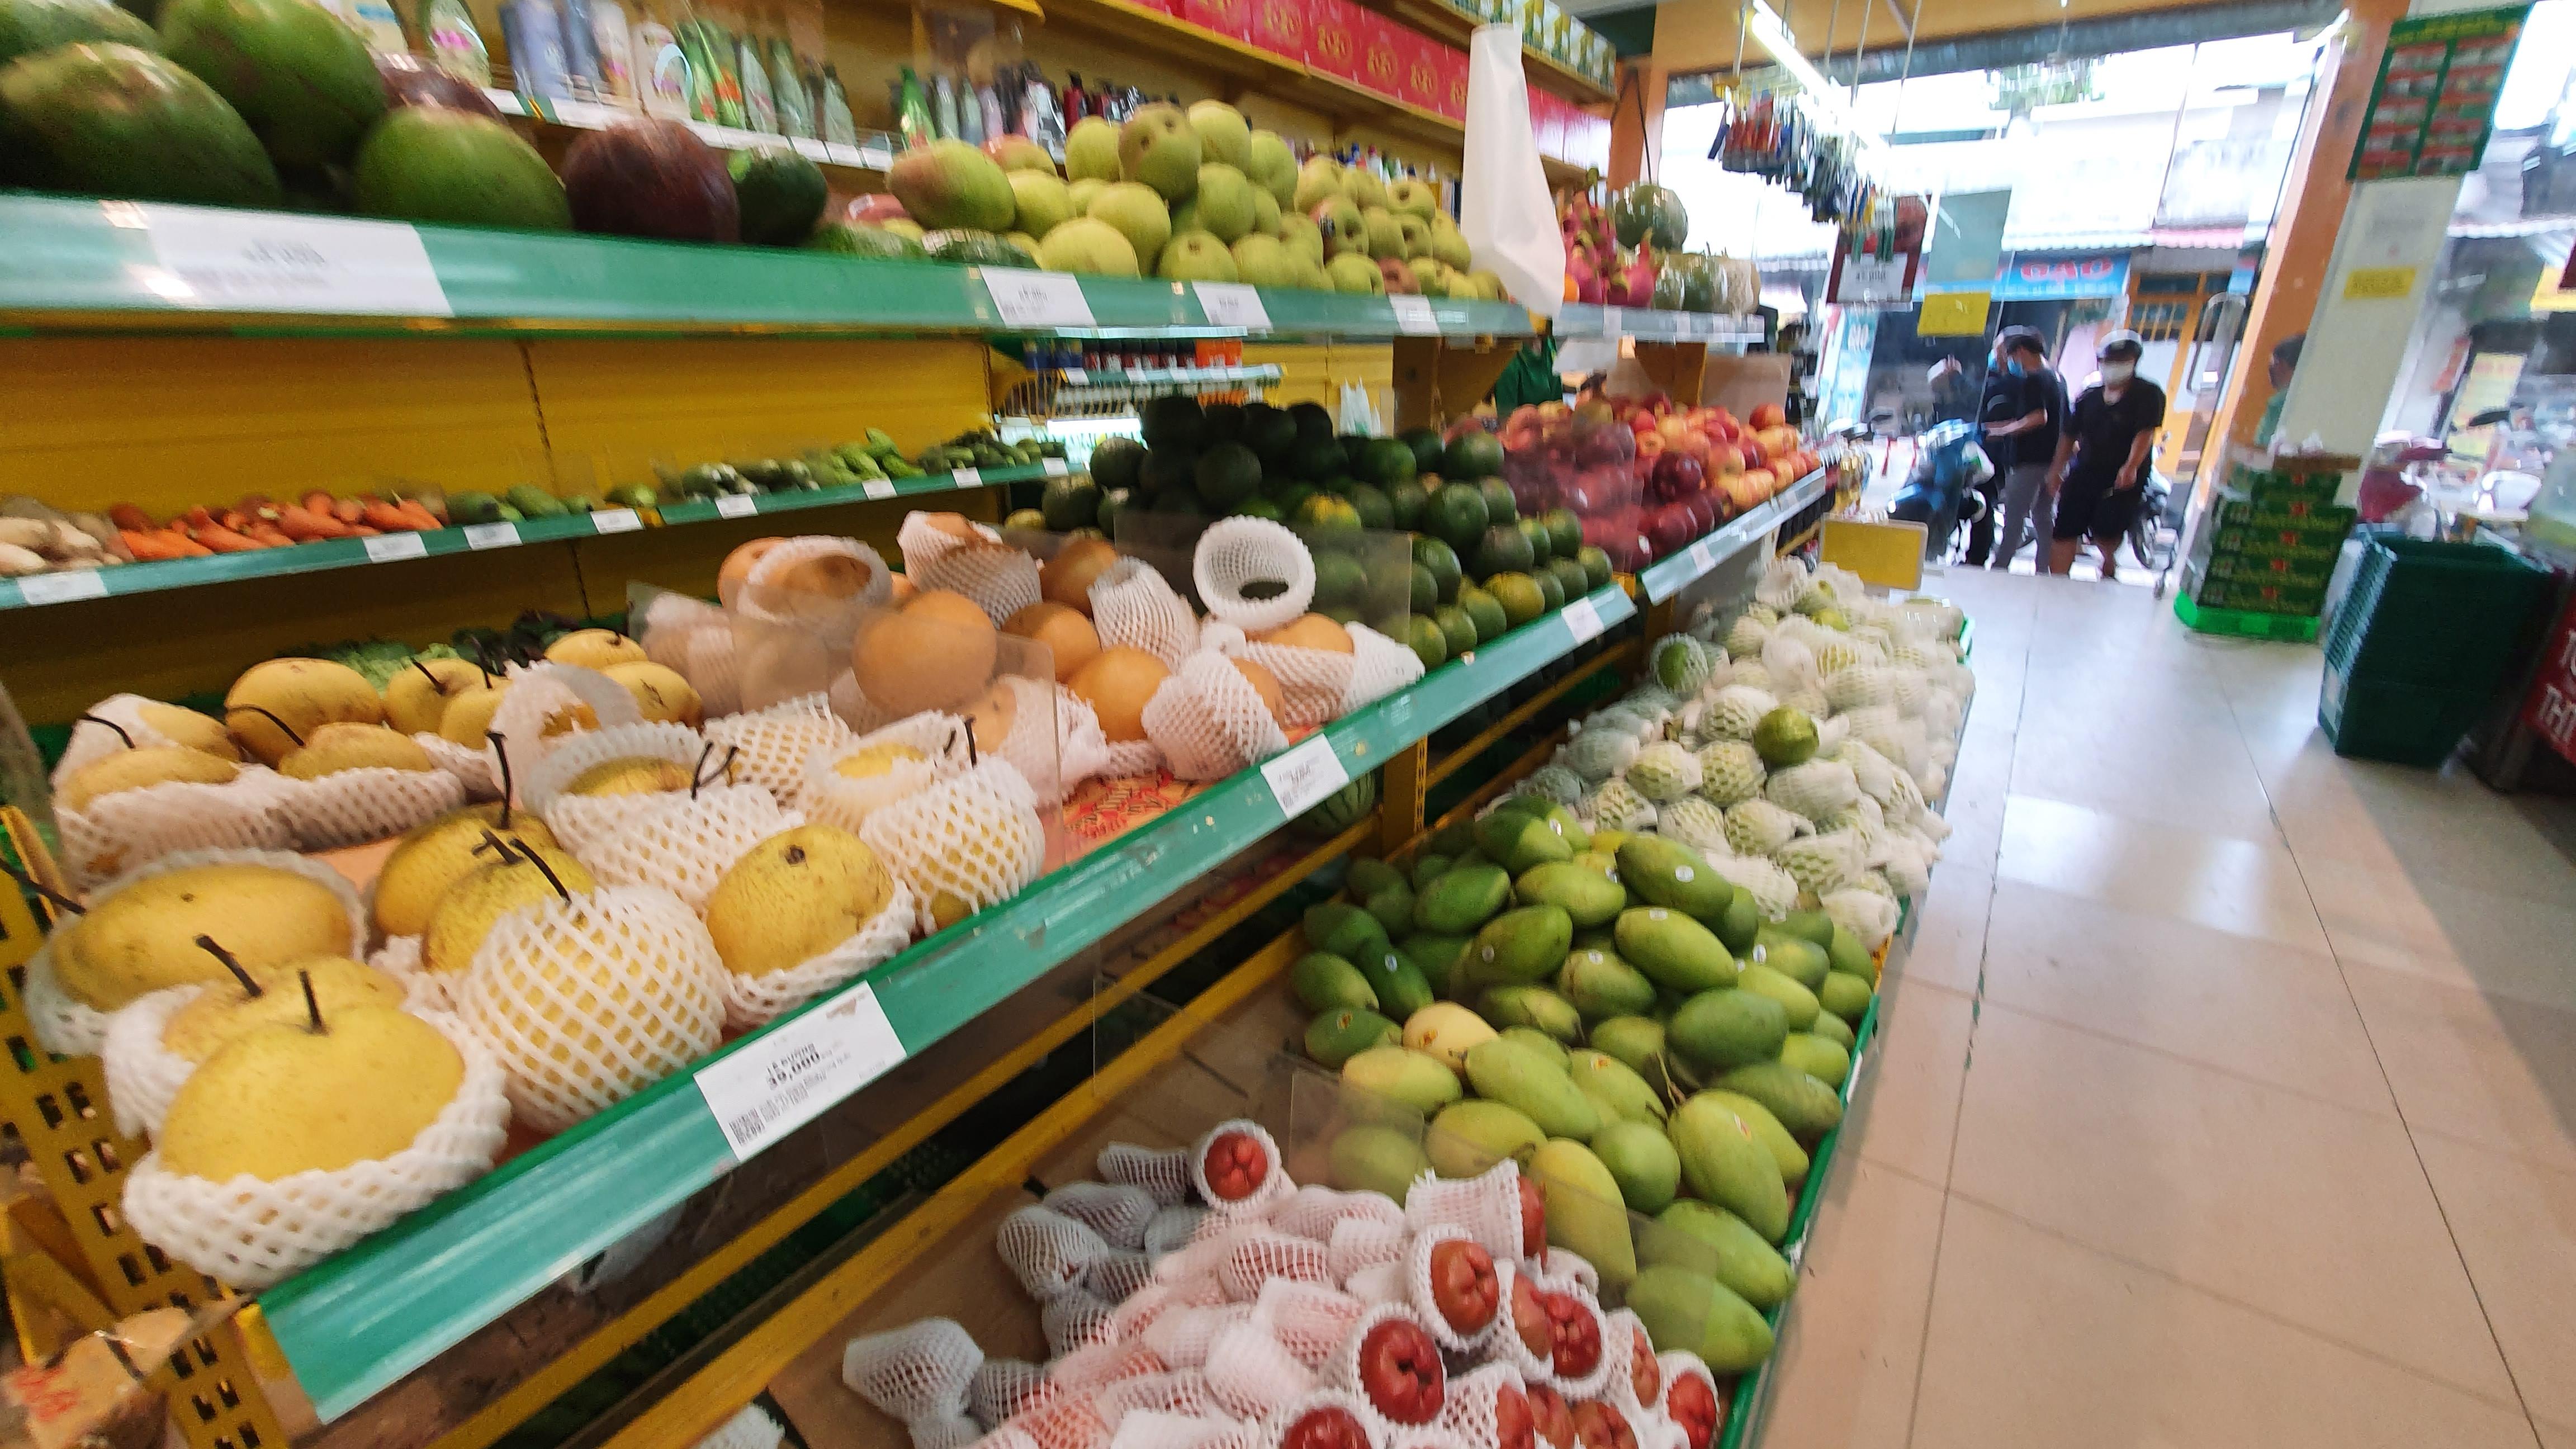 Trái cây miền Tây giá chỉ 1.000 đồng/kg tại vườn, lên chợ lẻ bán gấp 10 - Ảnh 3.